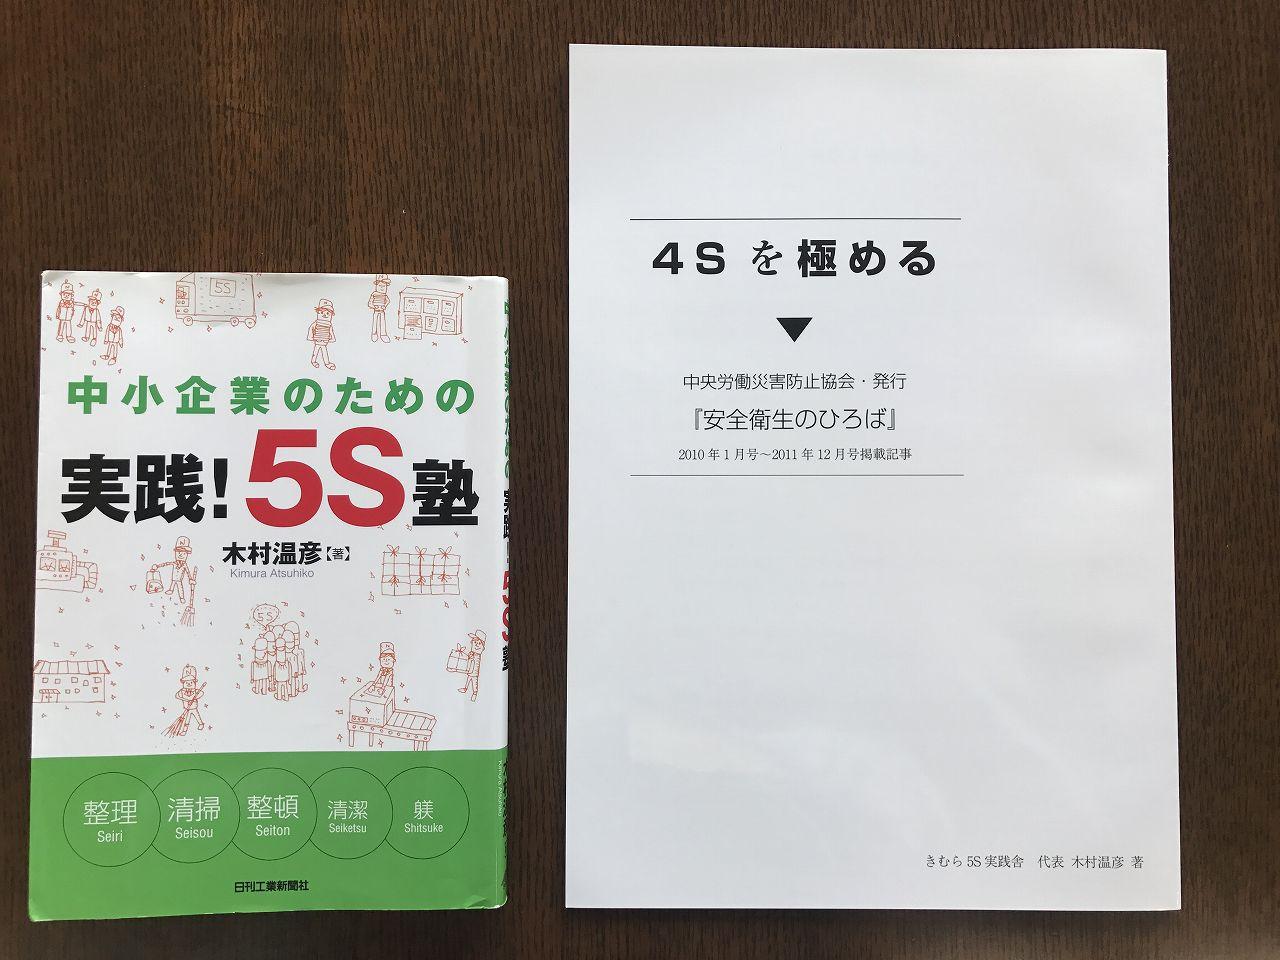 「4Sを極める」と木村先生著書「実践5S塾」!「4Sを極める」は5Sのバイブル書です